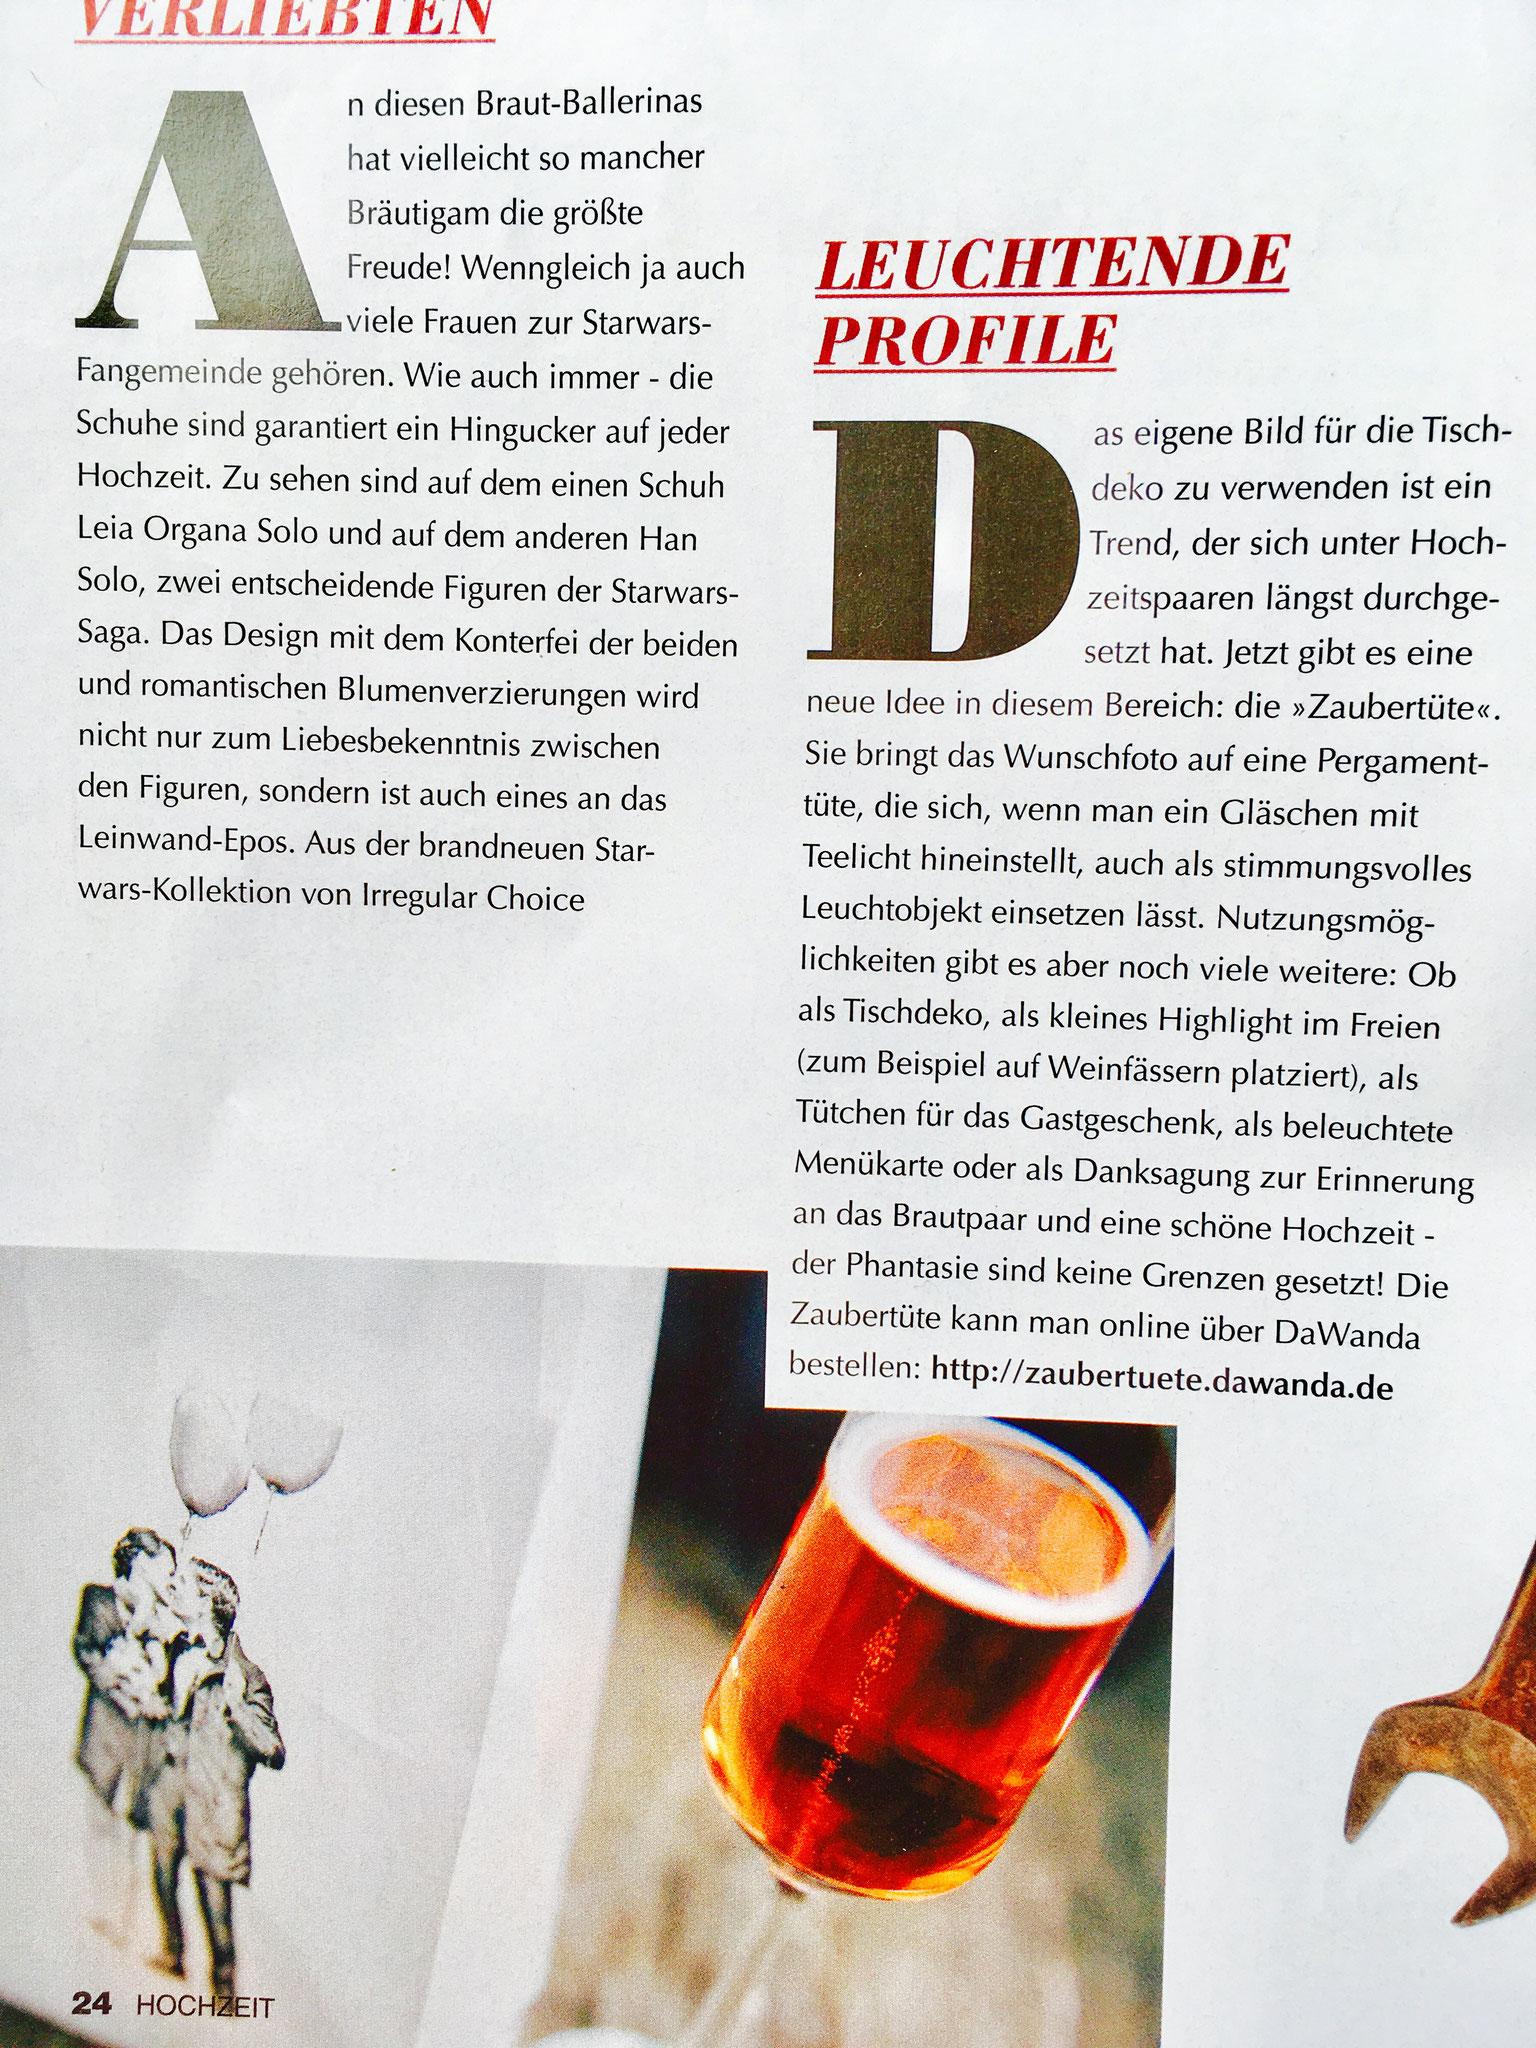 Hochzeit, Das Magazin für Brautpaare, Ausgabe 6/2015